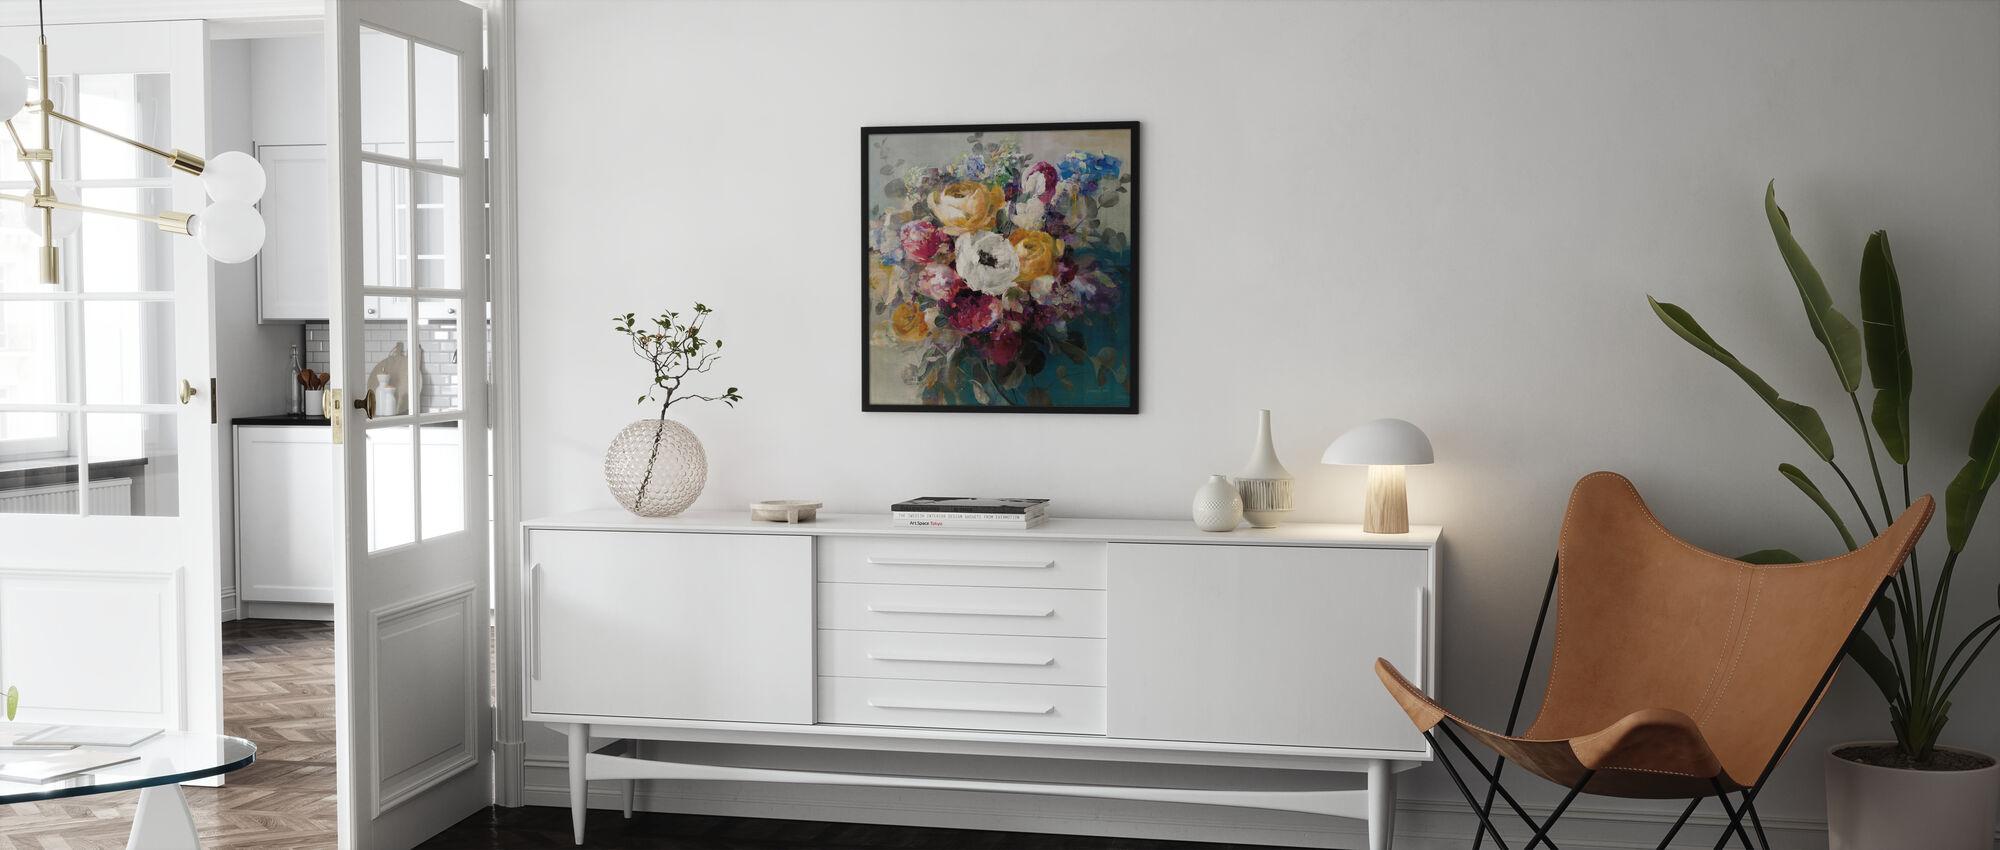 Herbststrauß - Poster - Wohnzimmer